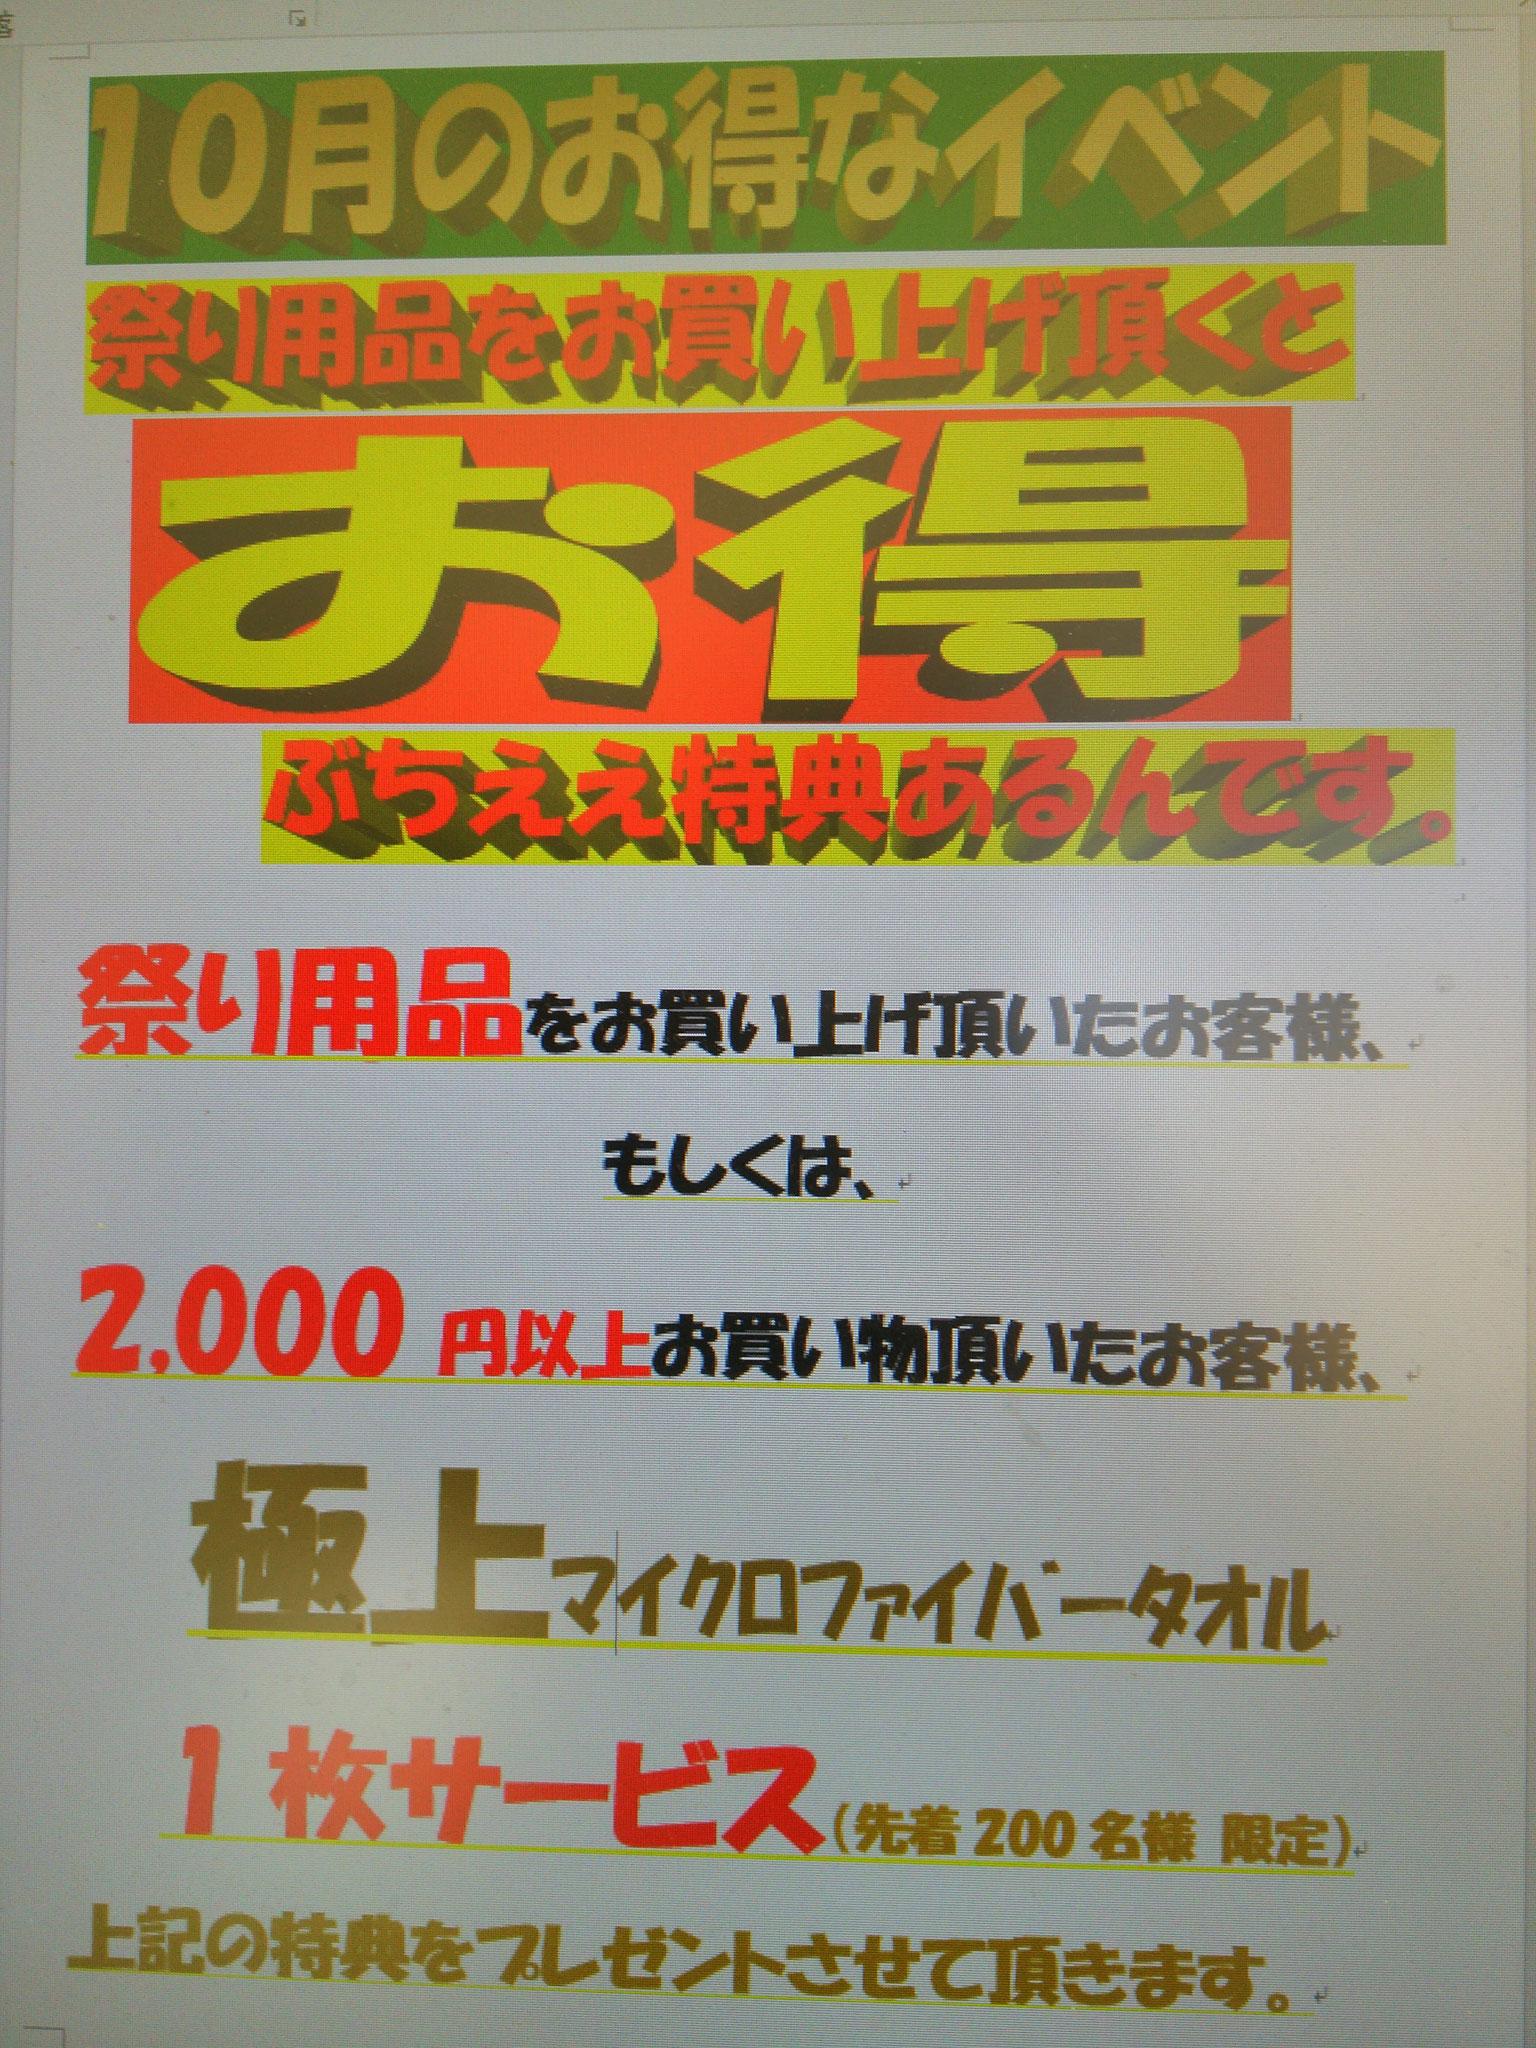 祭り用品をお買い物頂くか、2,000円以上お買い物頂くと、高級マイクロファイバータオル(400円相当)をプレゼント!!